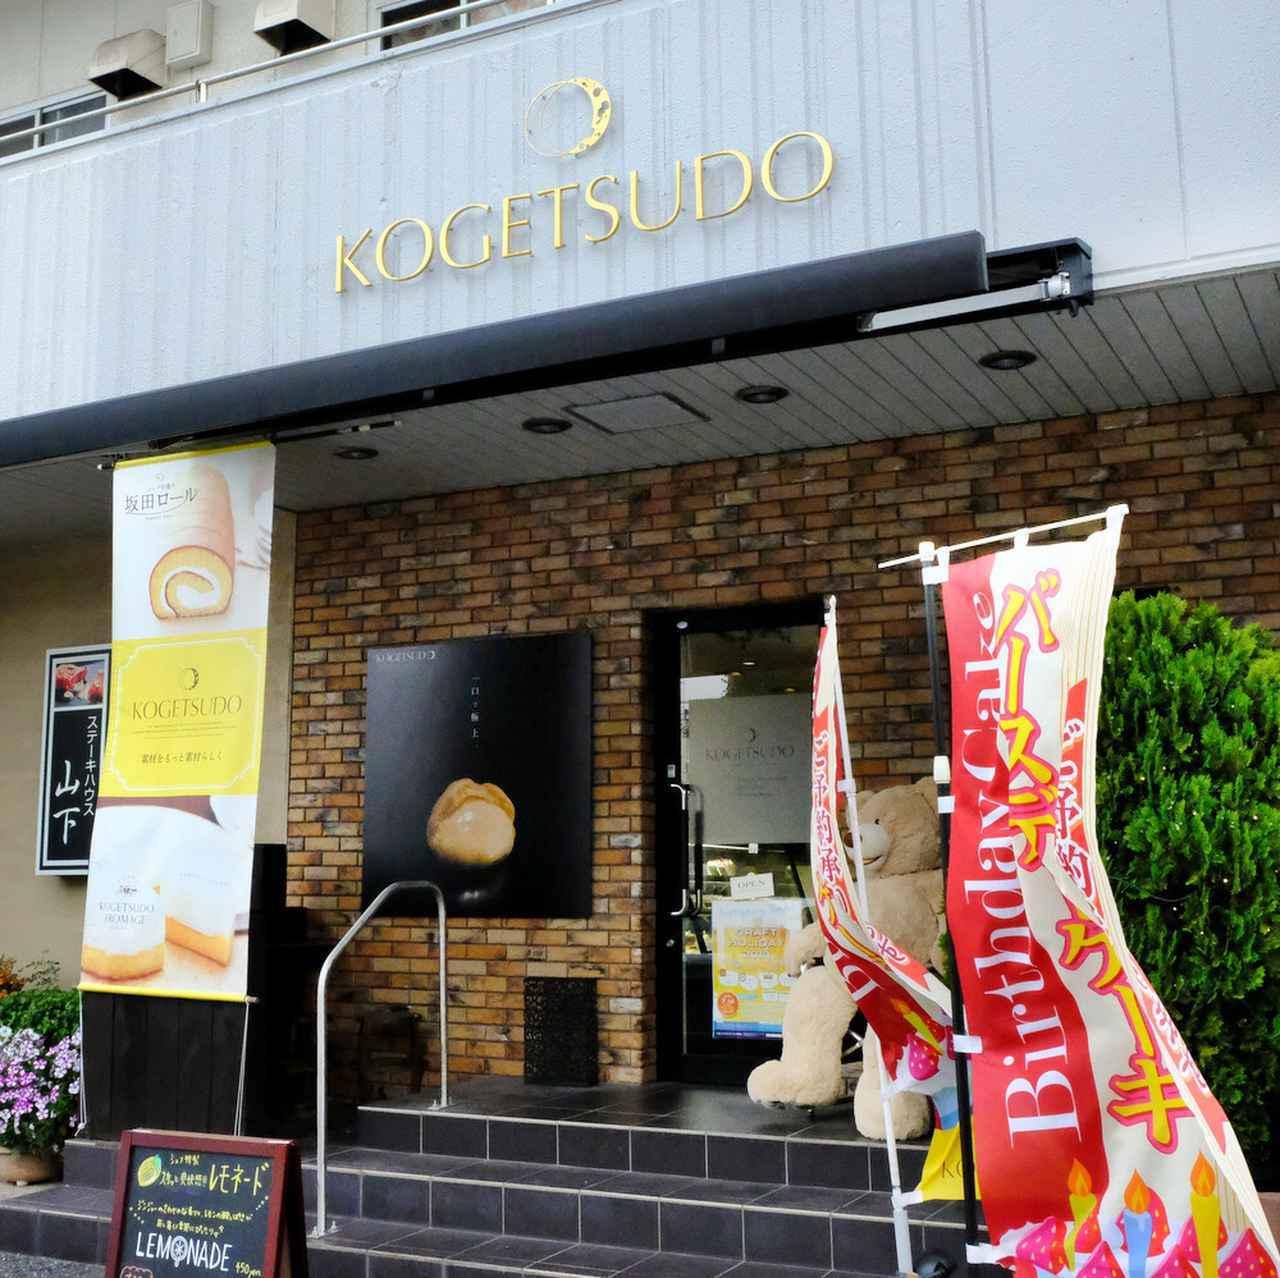 画像: 宇部のお土産を食べにお邪魔しました。「虎月堂 南浜店」、老舗和洋菓子店です。このお店で働くチーフマネージャーの坂田 桃子さんに会いにきました。